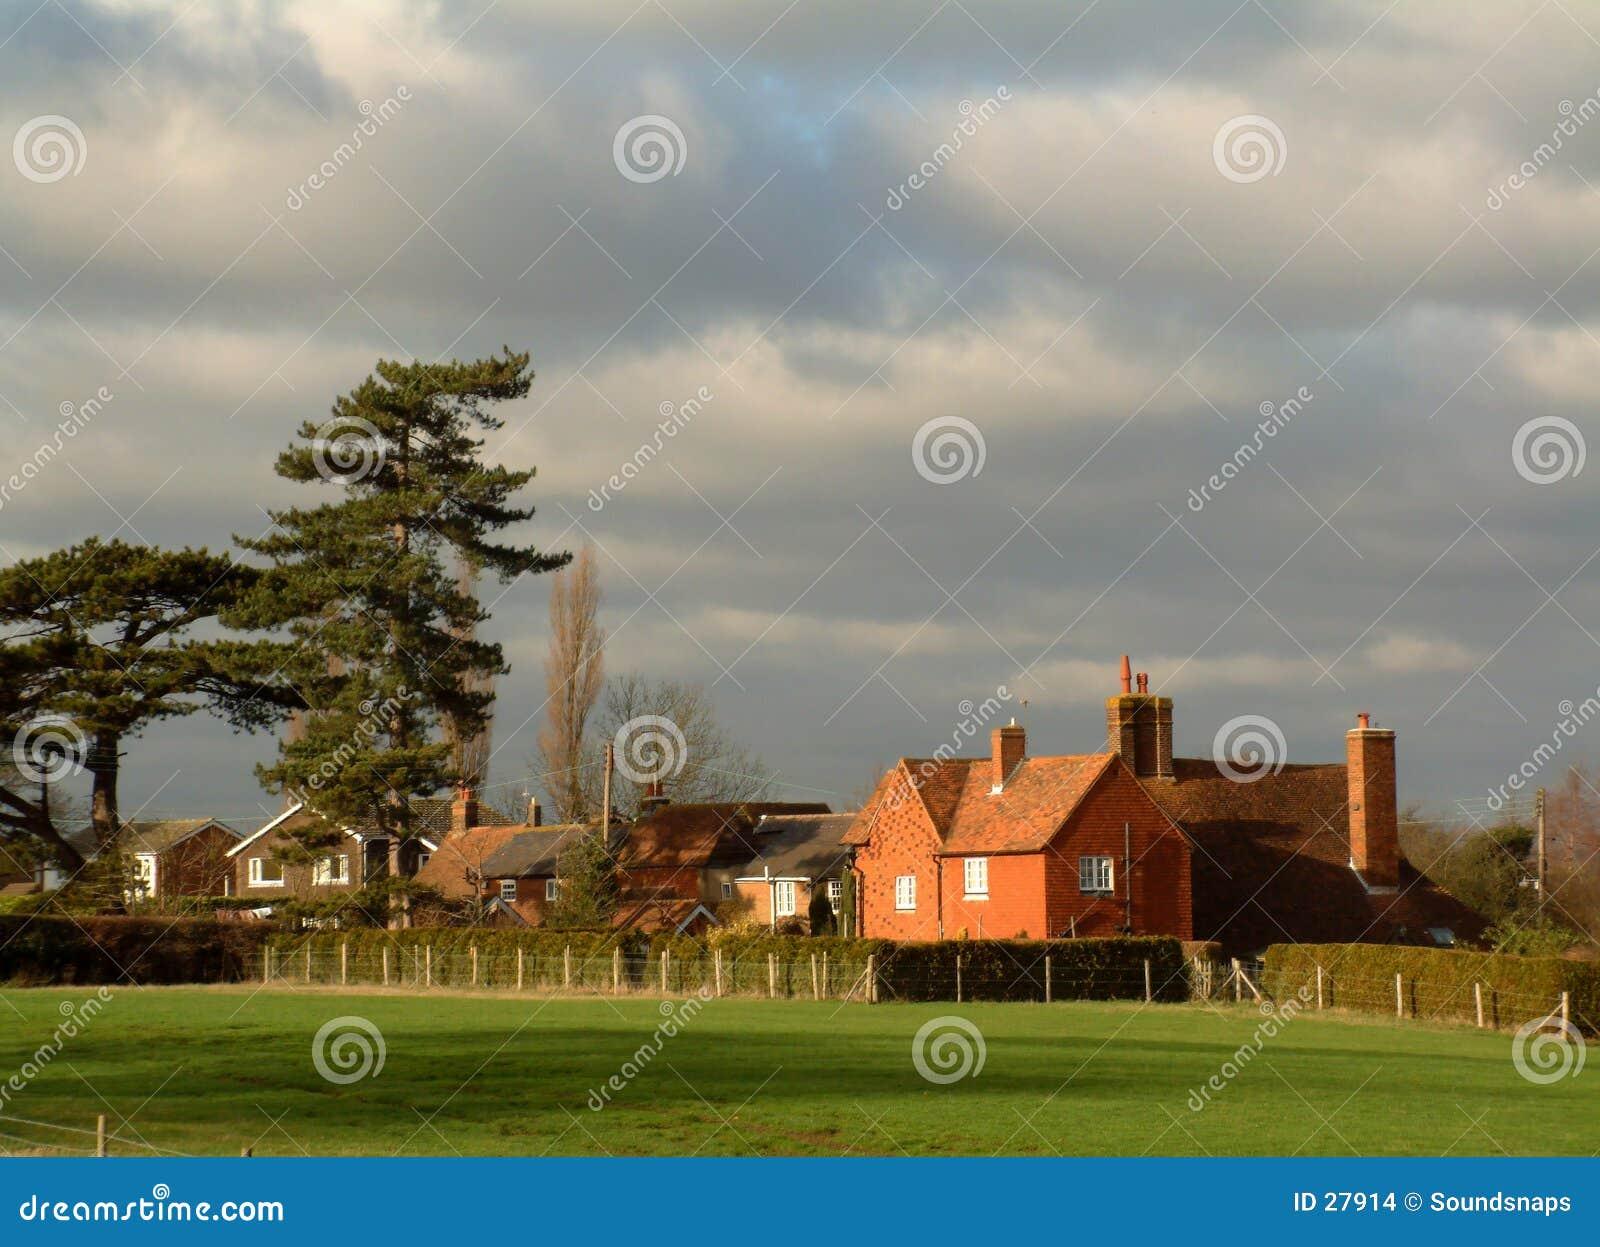 Casa vermelha de encontro ao céu cinzento